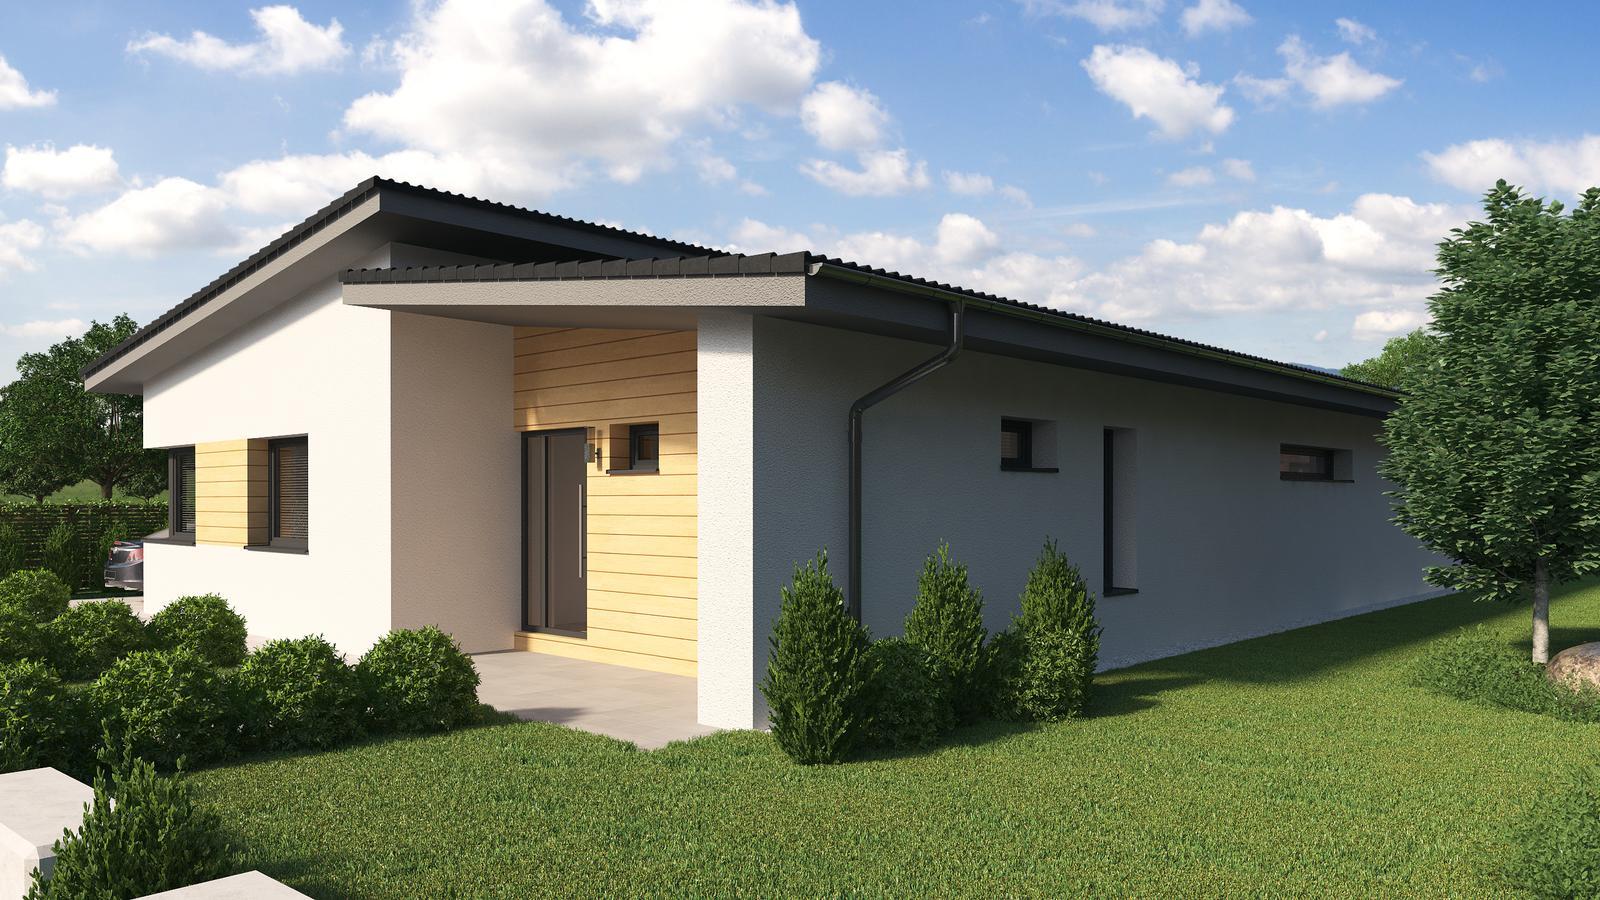 Ďalšie ukážky návrhov domčekov pre Vás - www.rodinny-dom.eu - Obrázok č. 15